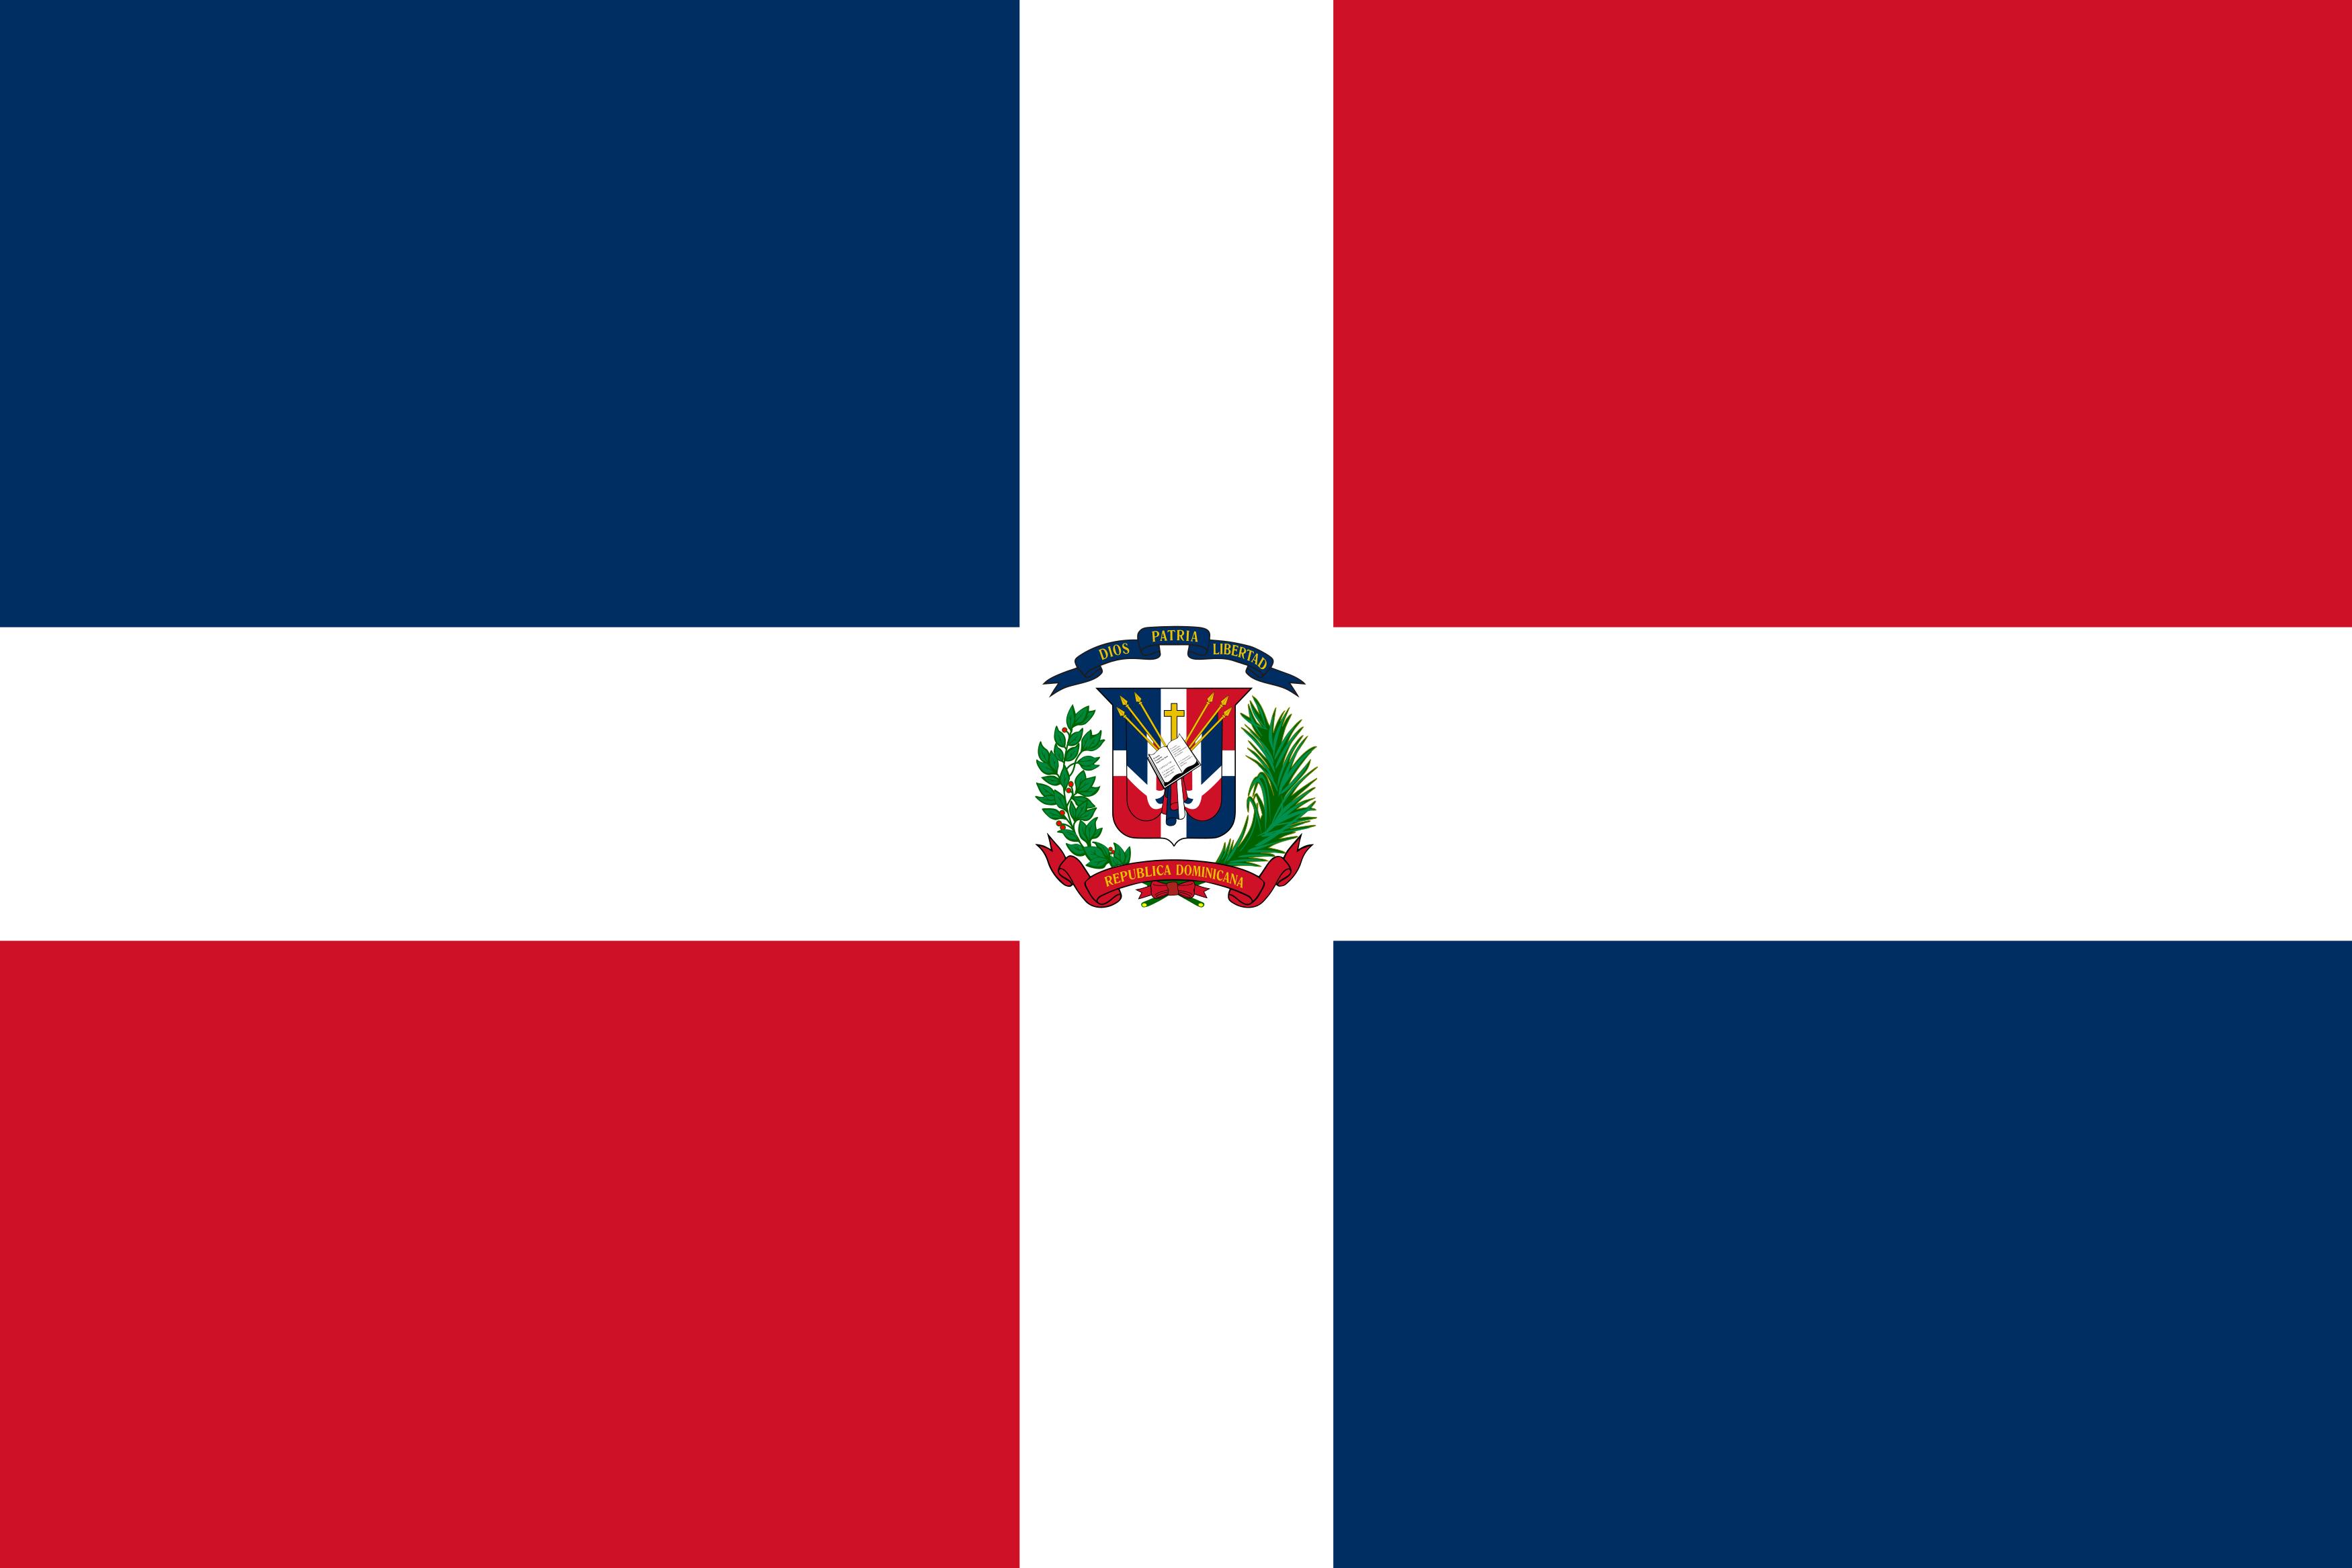 bandeira republica dominicana - Bandeira da República Dominicana